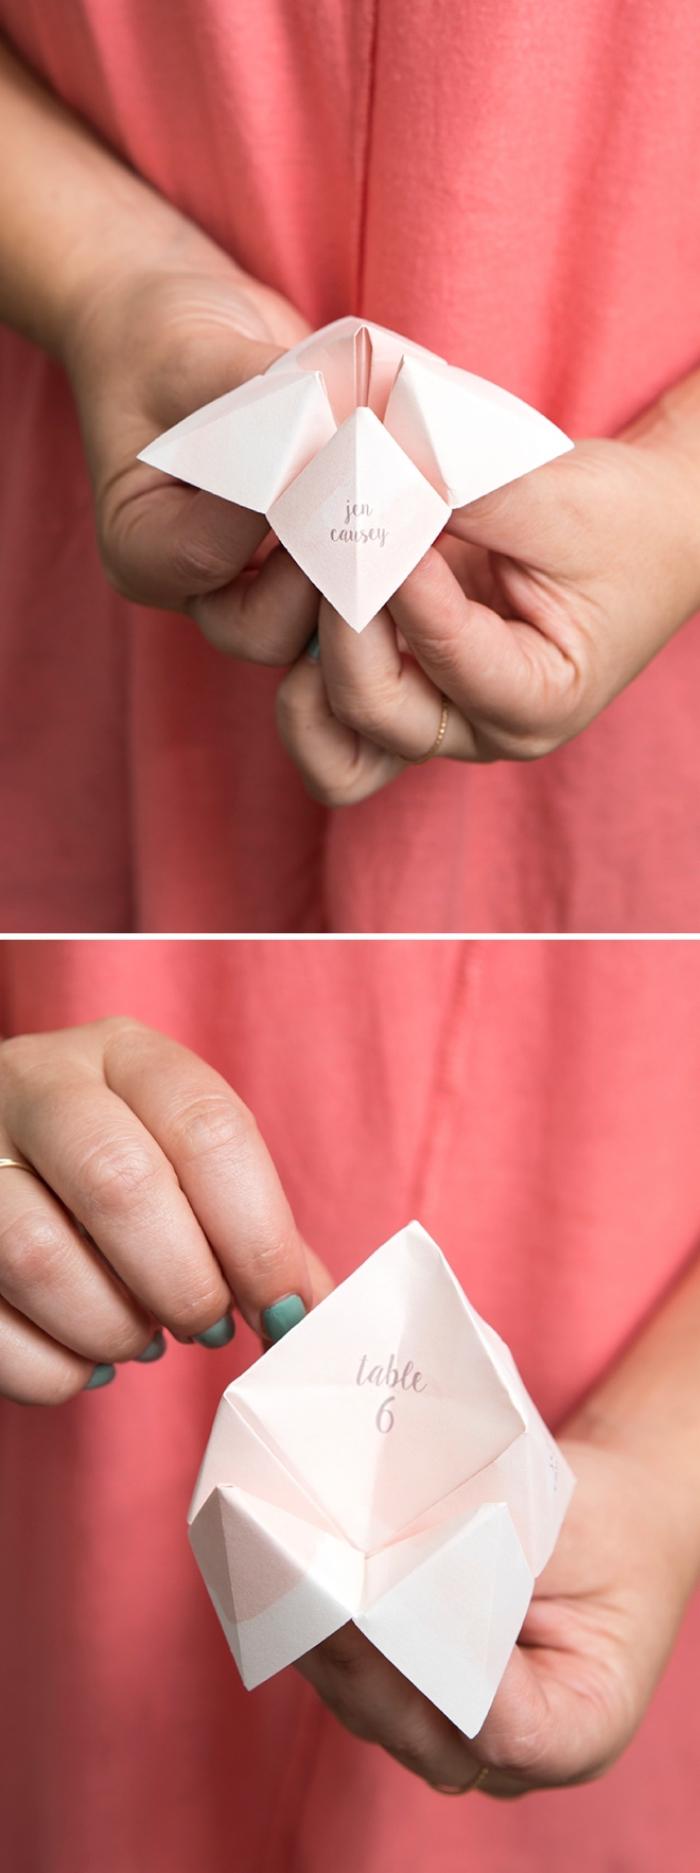 le pliage cocotte facile pour réaliser un marque-place origami personnalisé qui fera aussi une jolie décoration de table